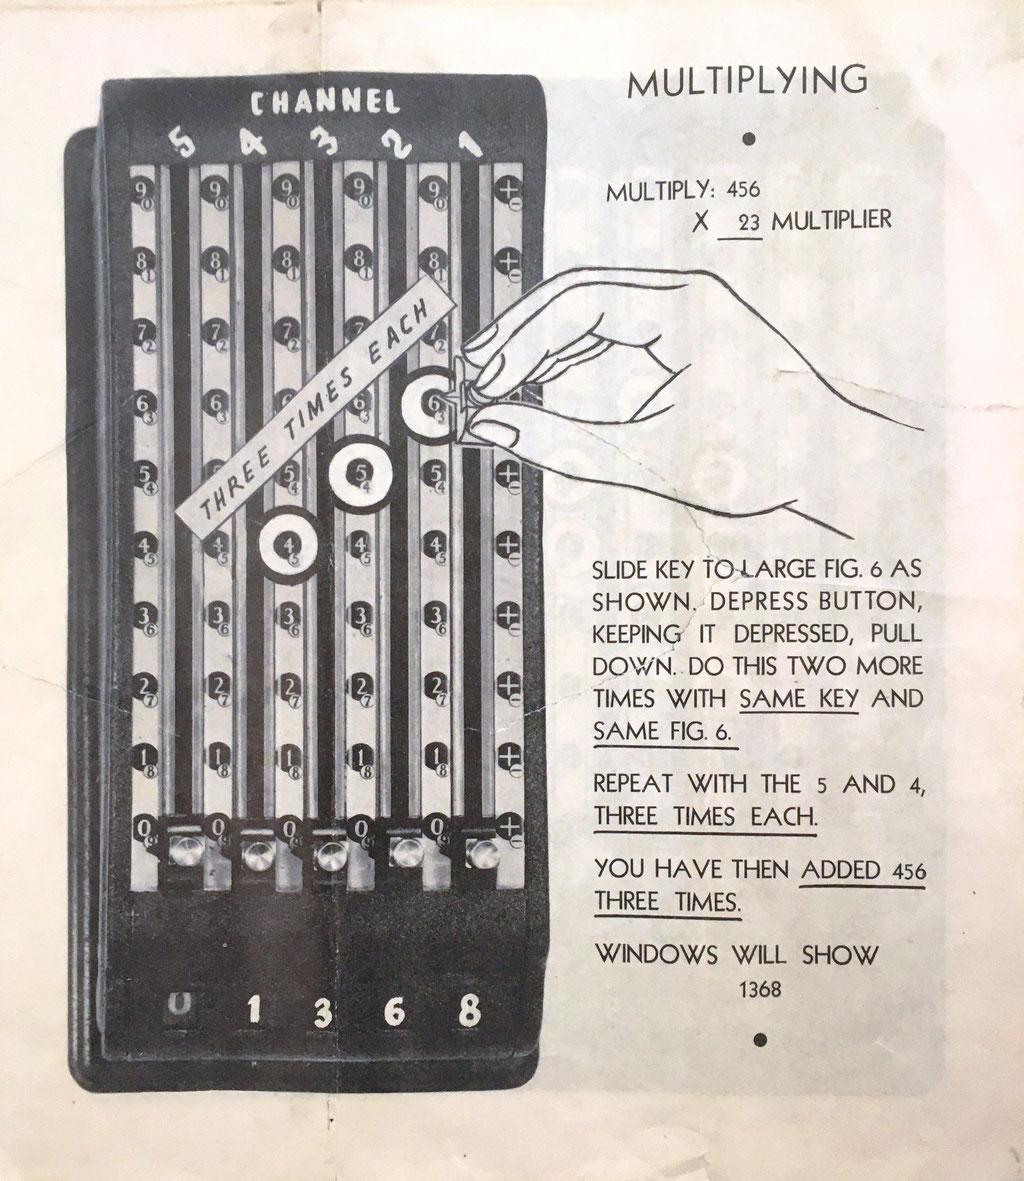 El folleto con las instrucciones de uso tiene 12 páginas: página de la multiplicación